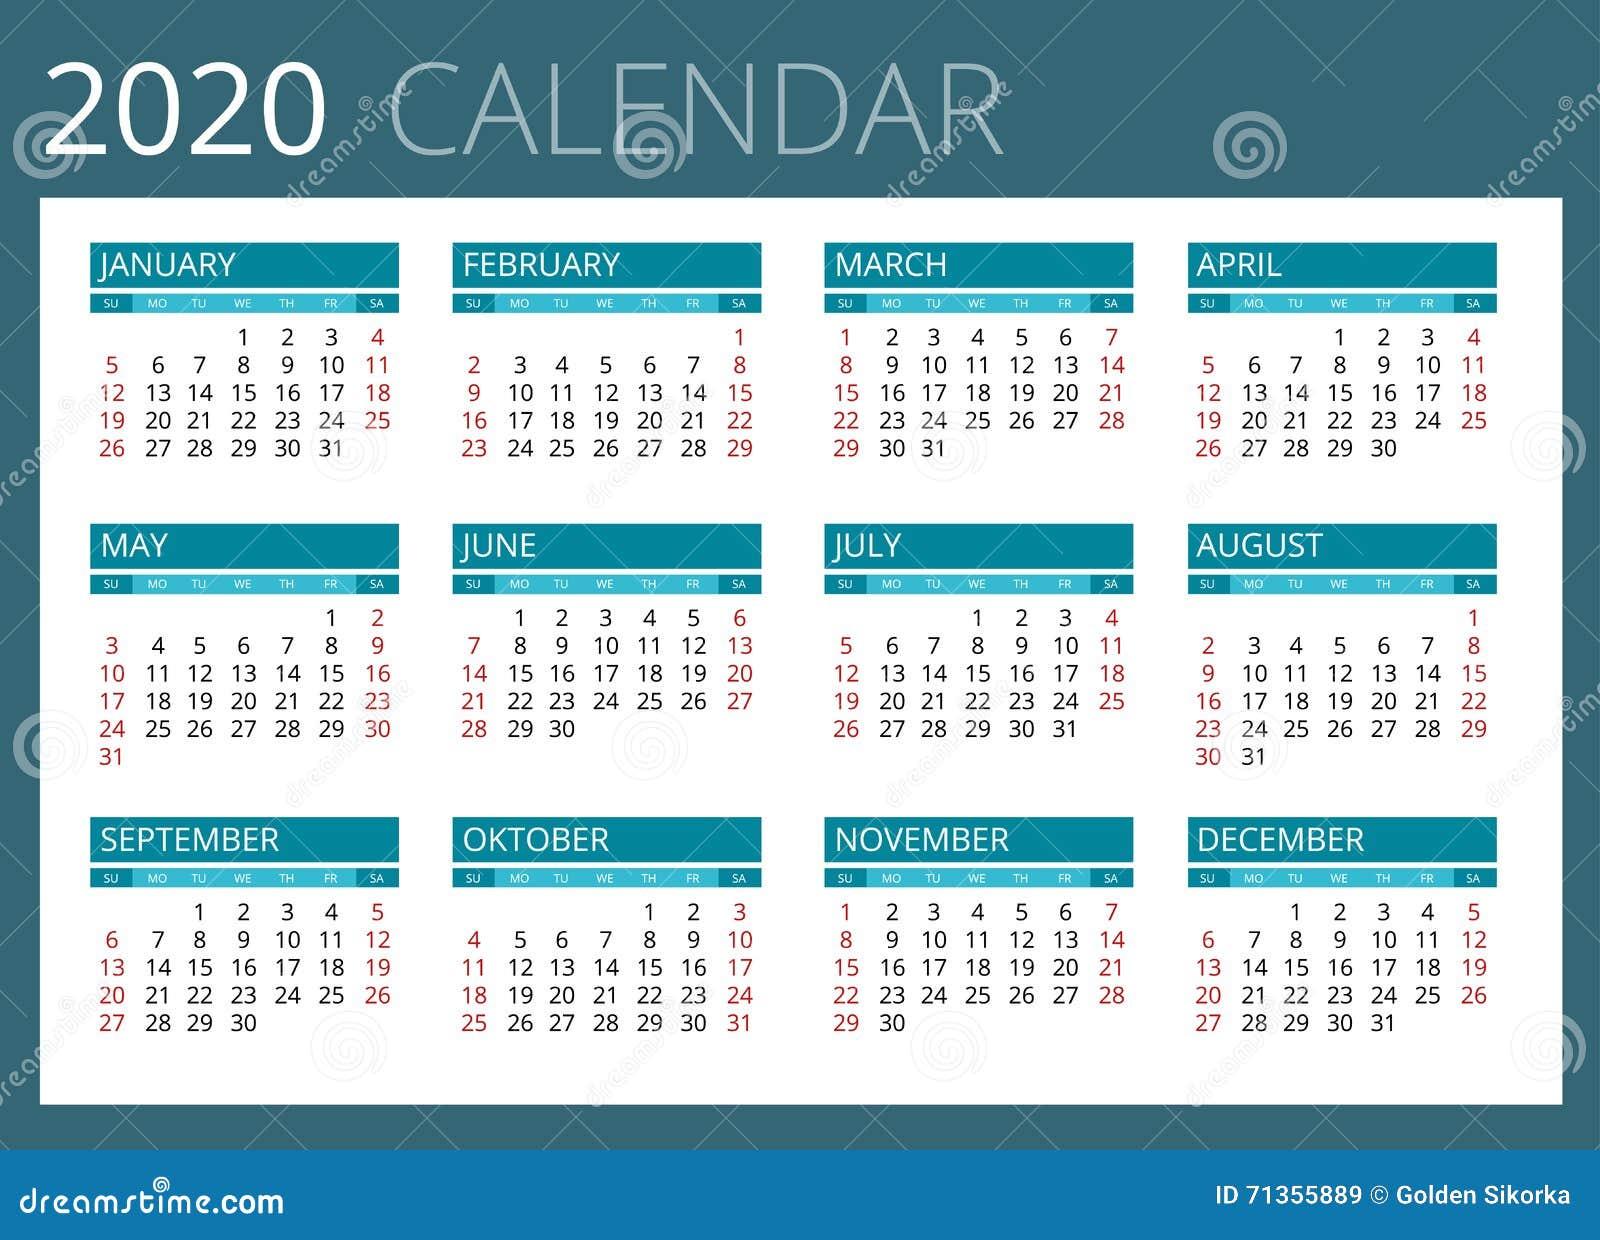 Calendario Por Semanas 2020.Calendario Para 2020 La Semana Comienza Domingo Diseno Simple Del